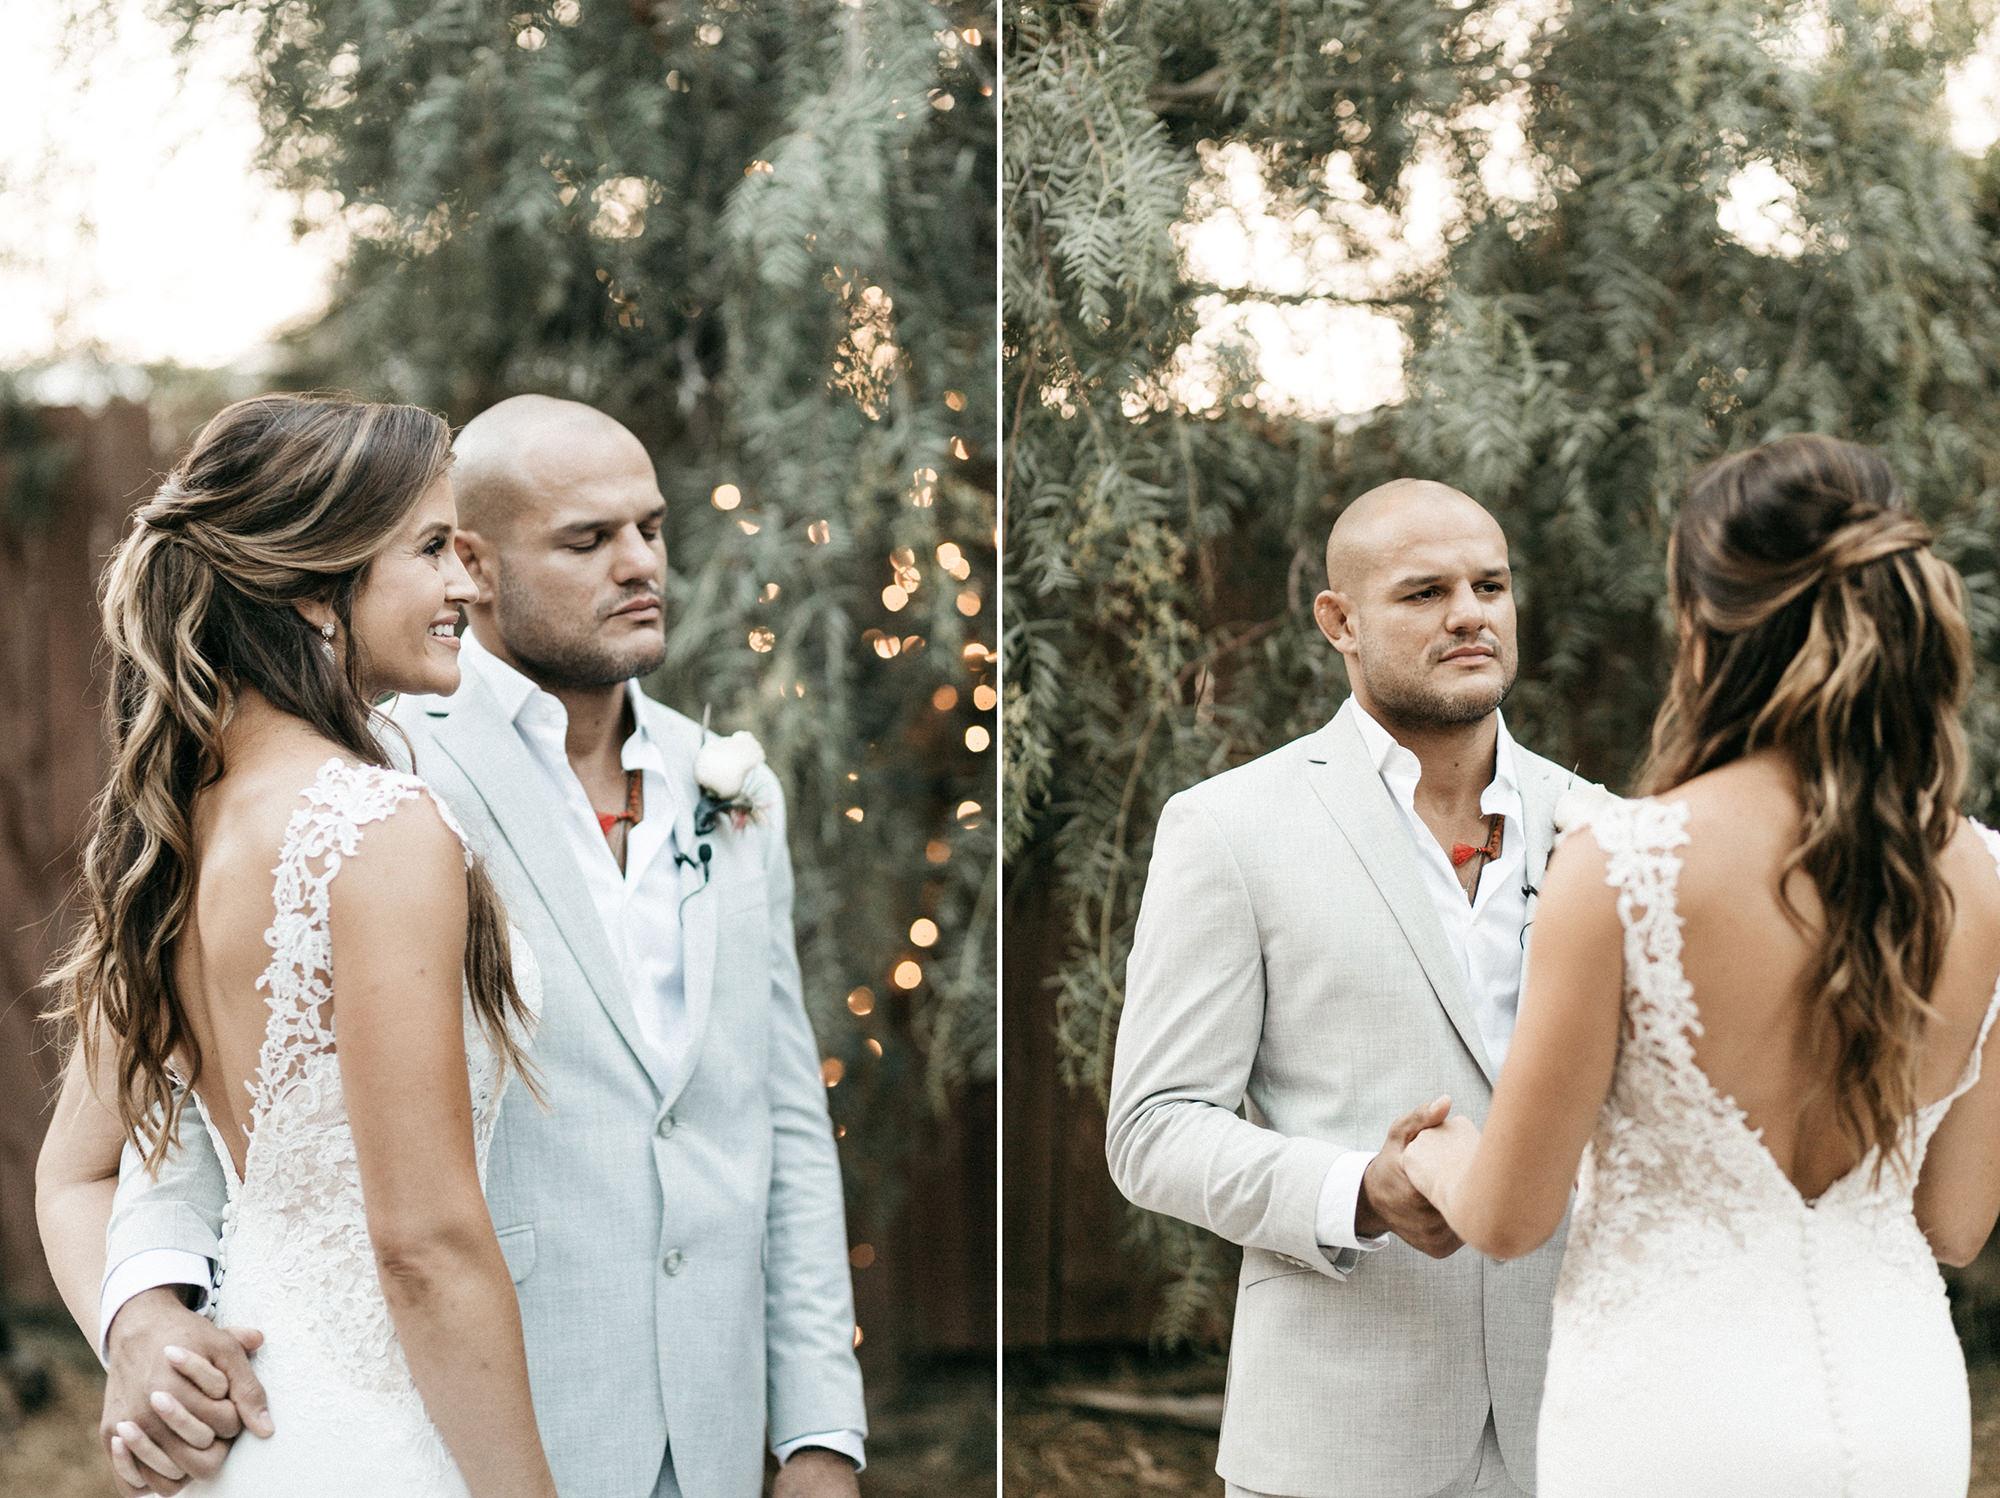 the_fire_garden_wedding-38.jpg